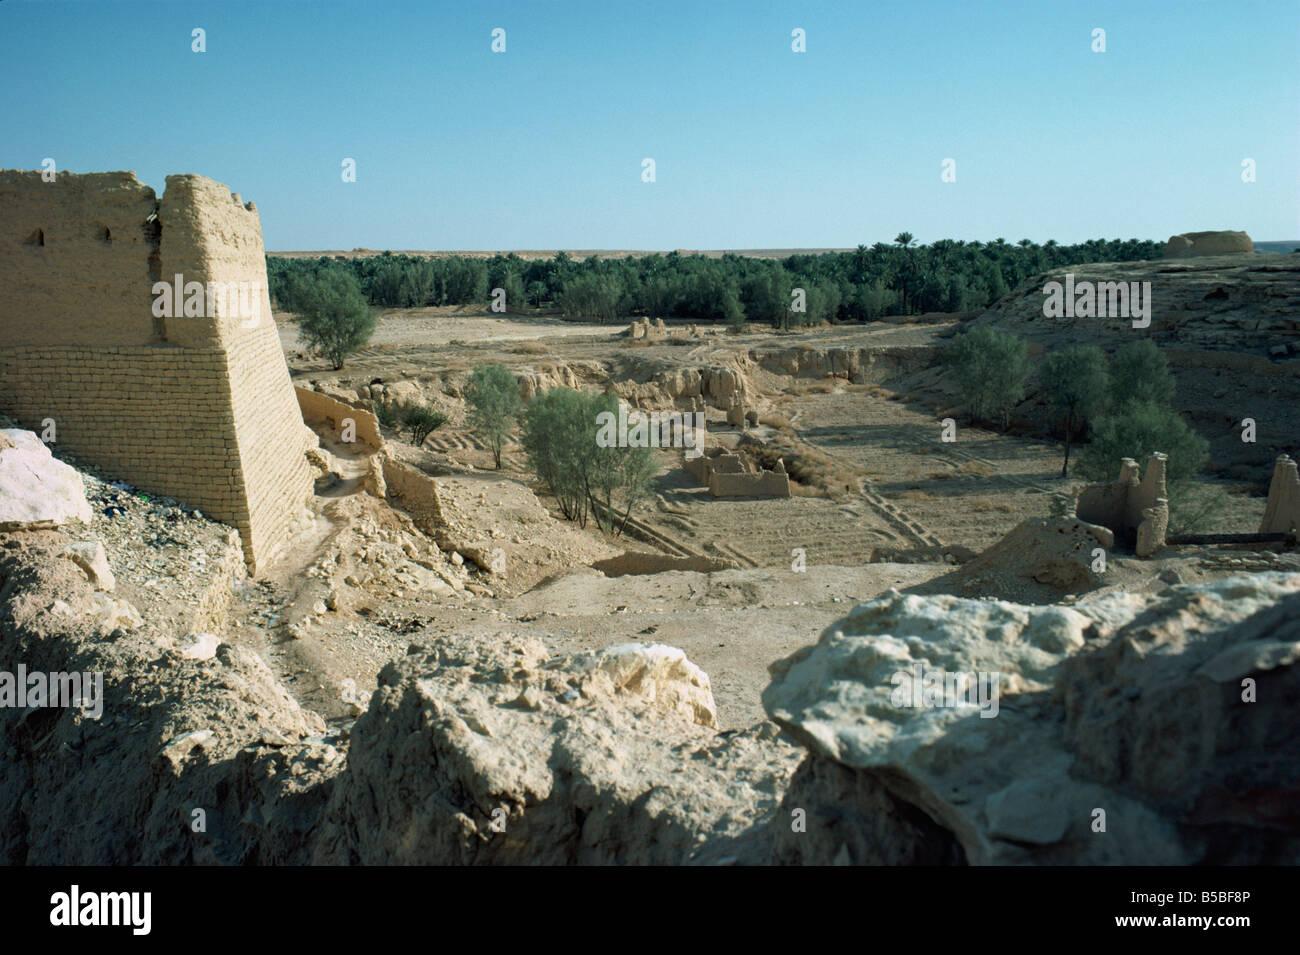 El Oasis Al Diriya cerca de Riad, Arabia Saudita Oriente Medio Imagen De Stock